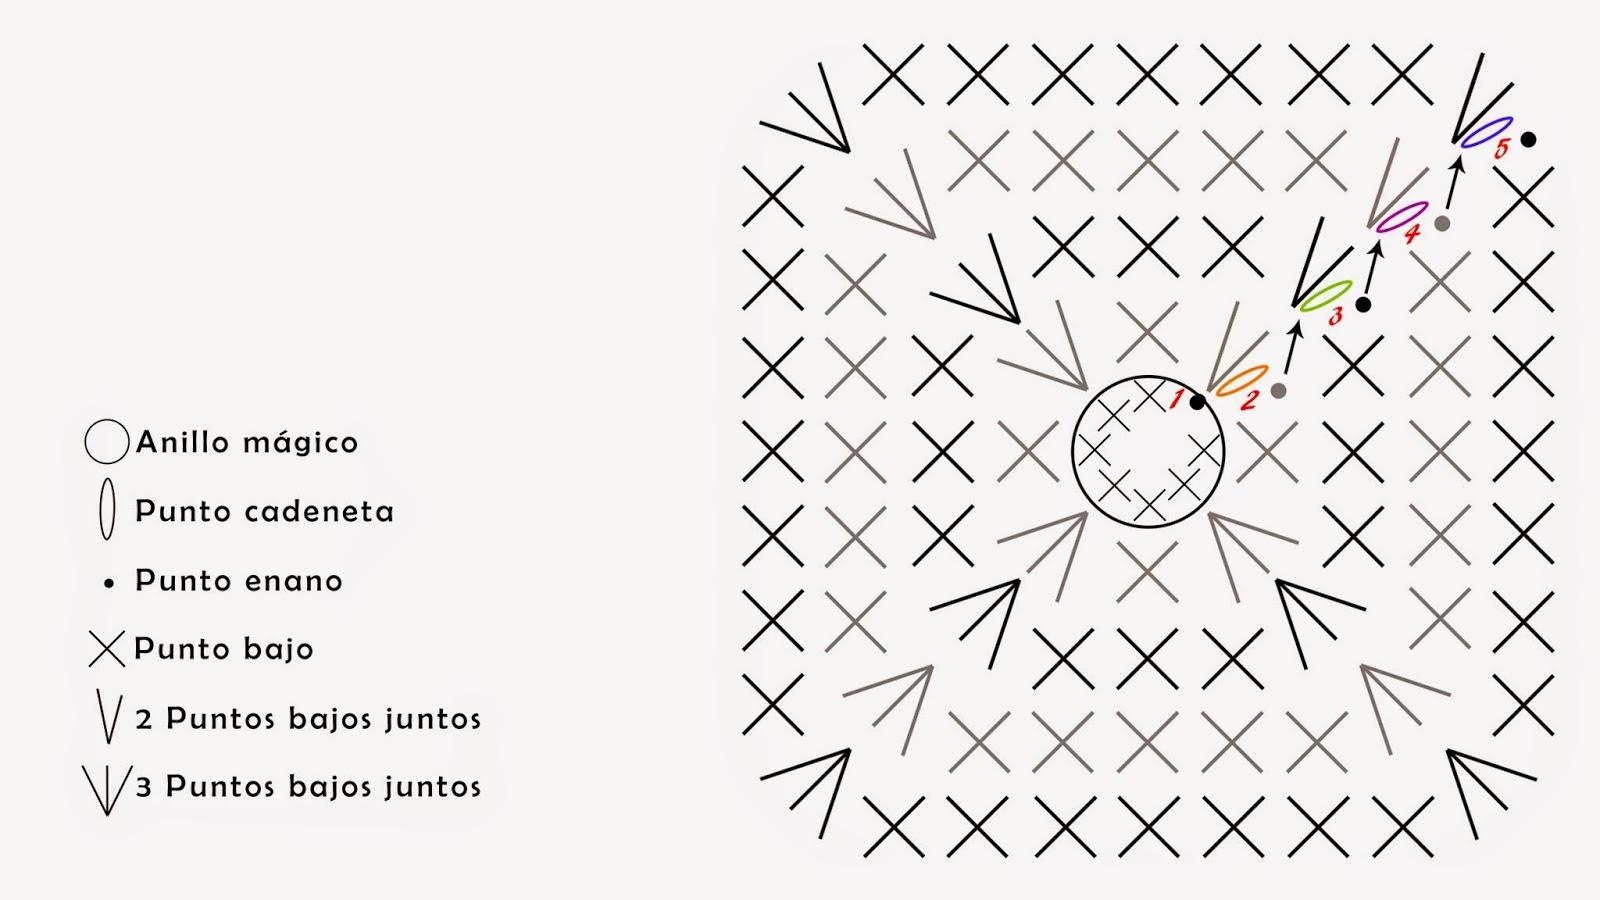 Elevado a N: Cesto de trapillo cuadrado con patrón